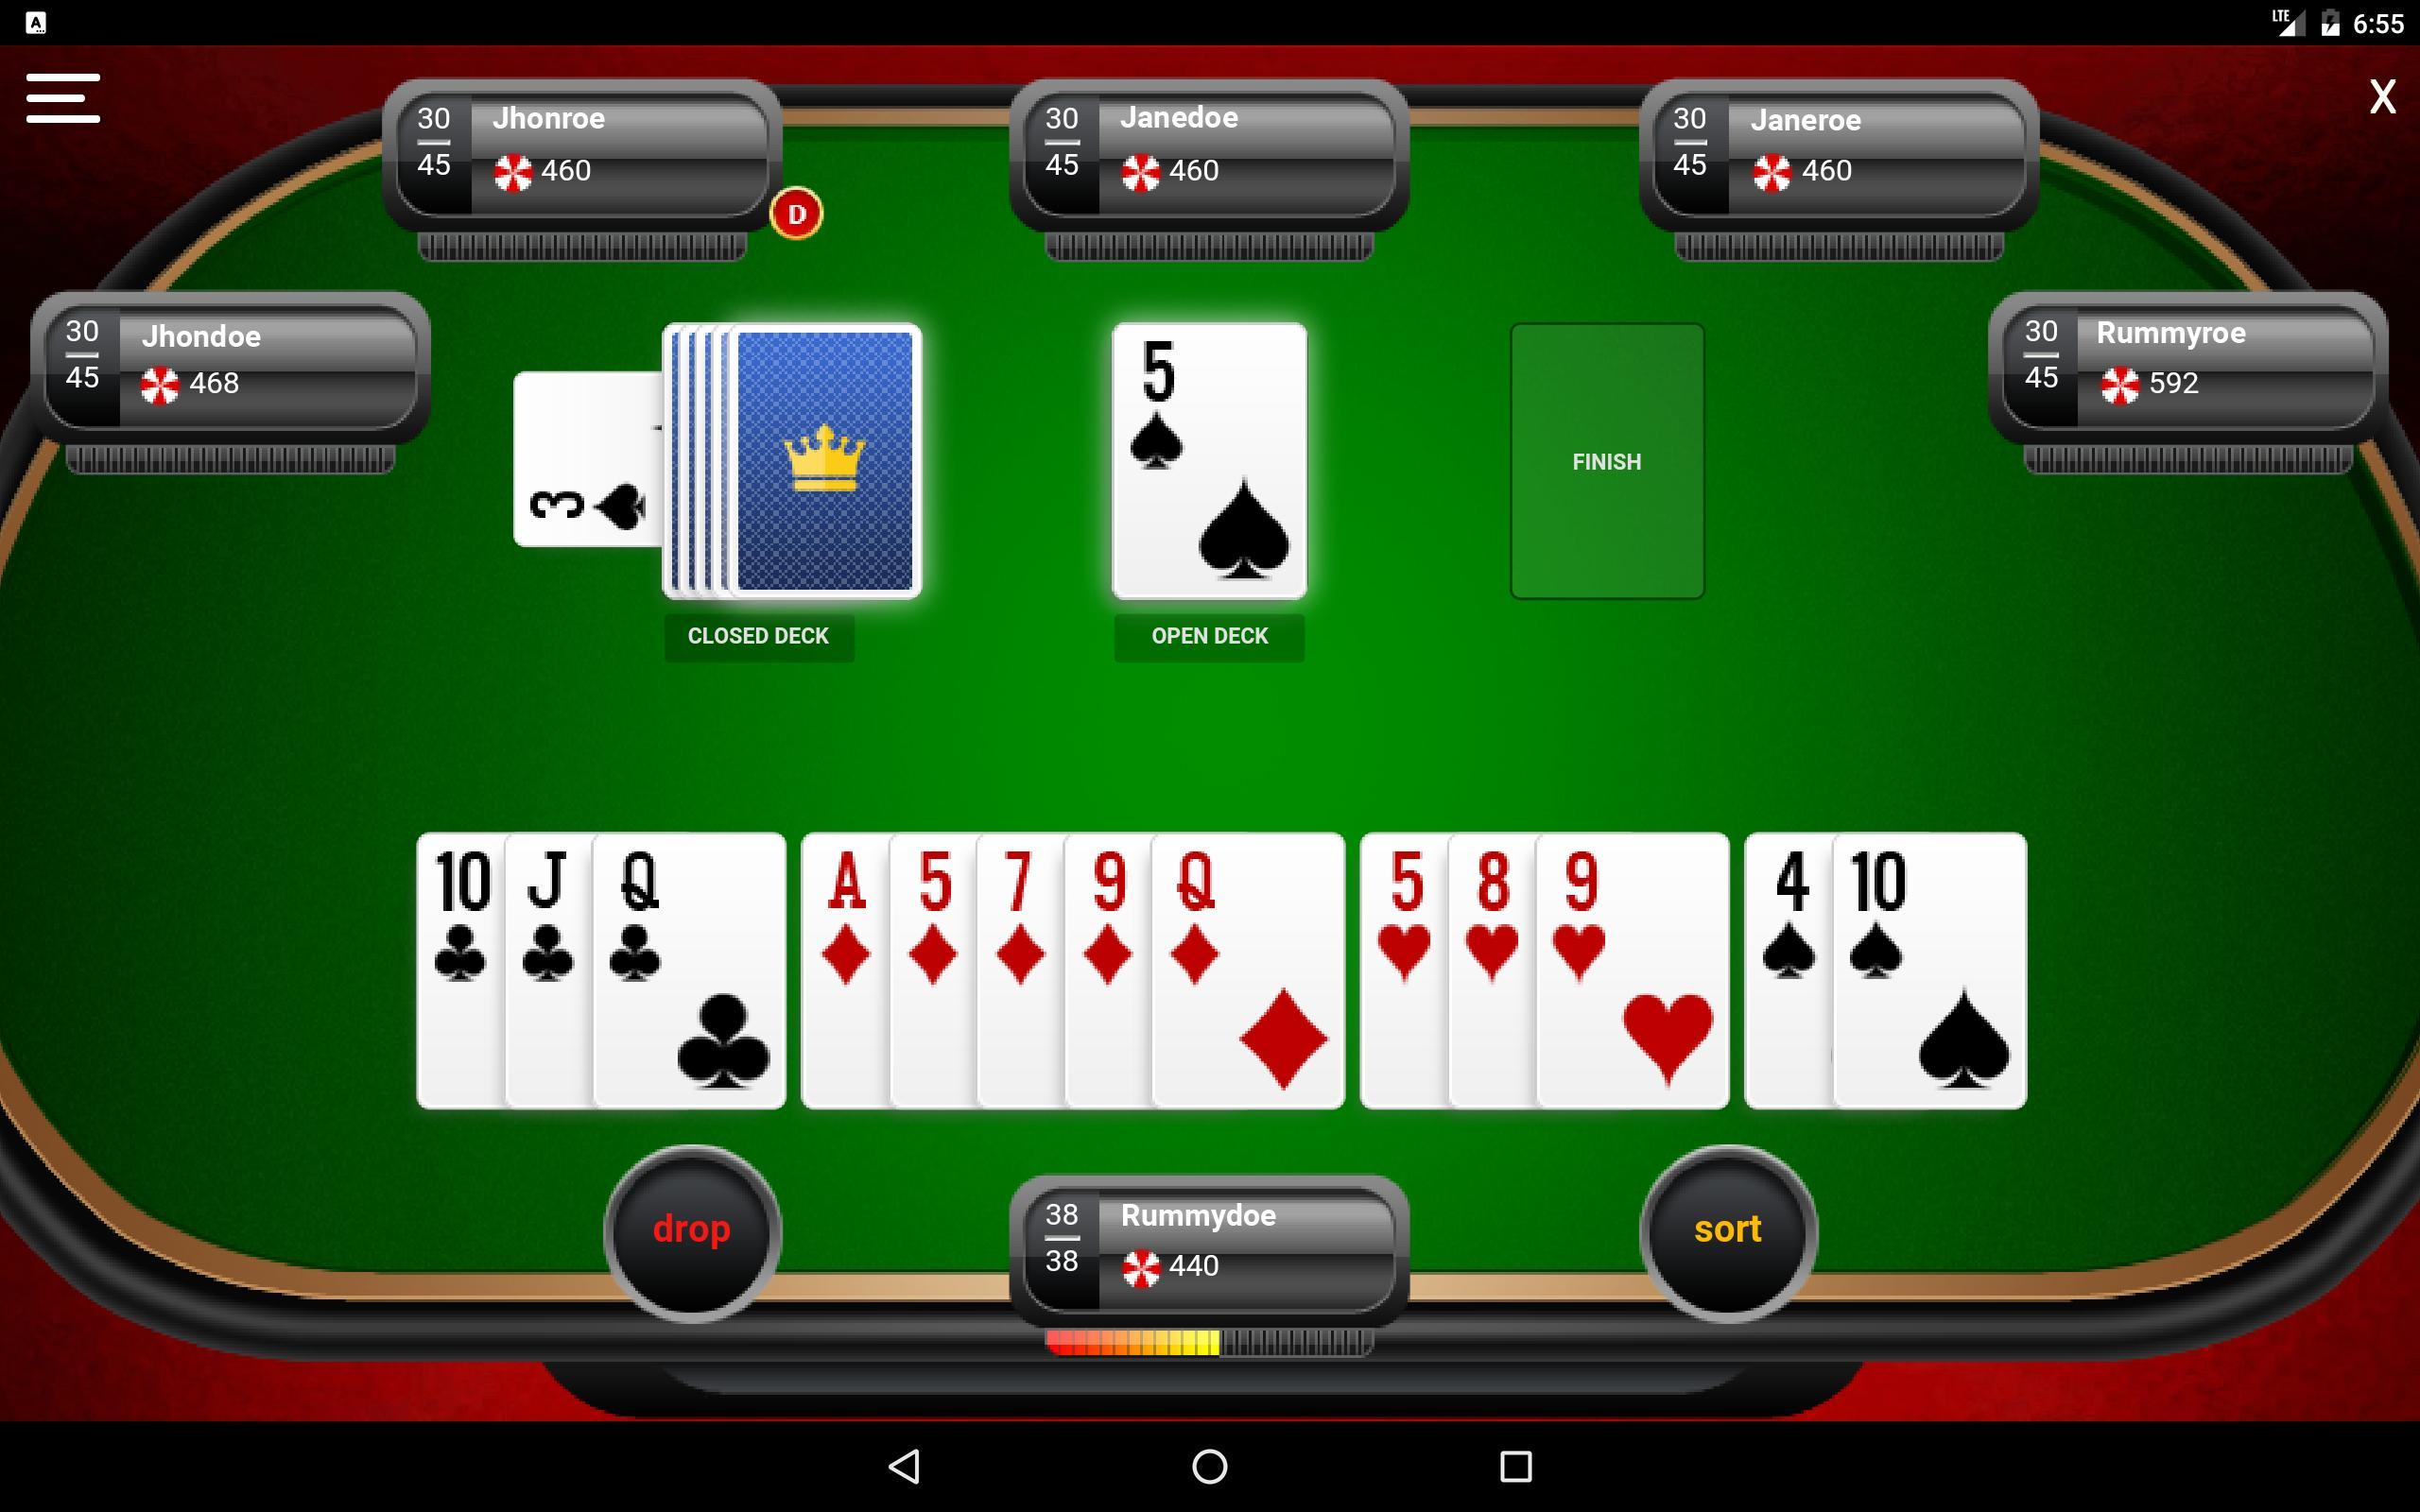 棋牌游戏后台管理系统一套多少钱?大擎科技无代码棋牌游戏后台管理系统开发